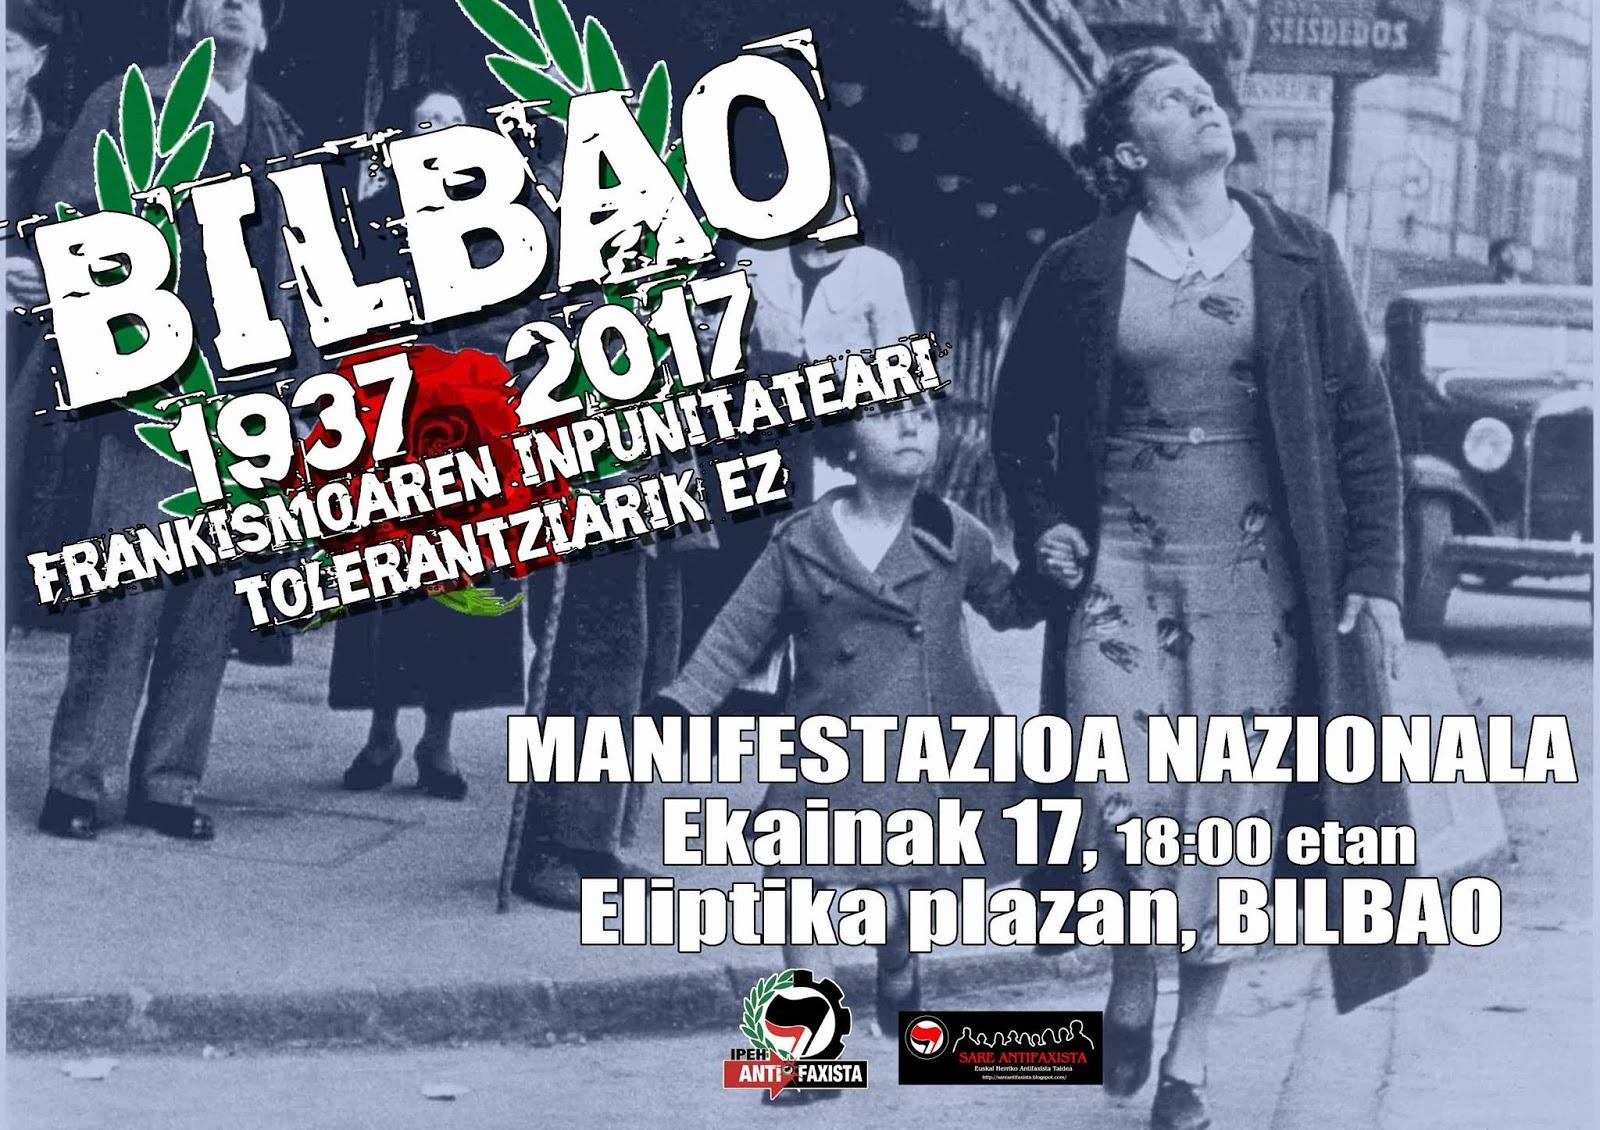 Caída de Bilbao, 80 años después, recuerdos y movilizaciones